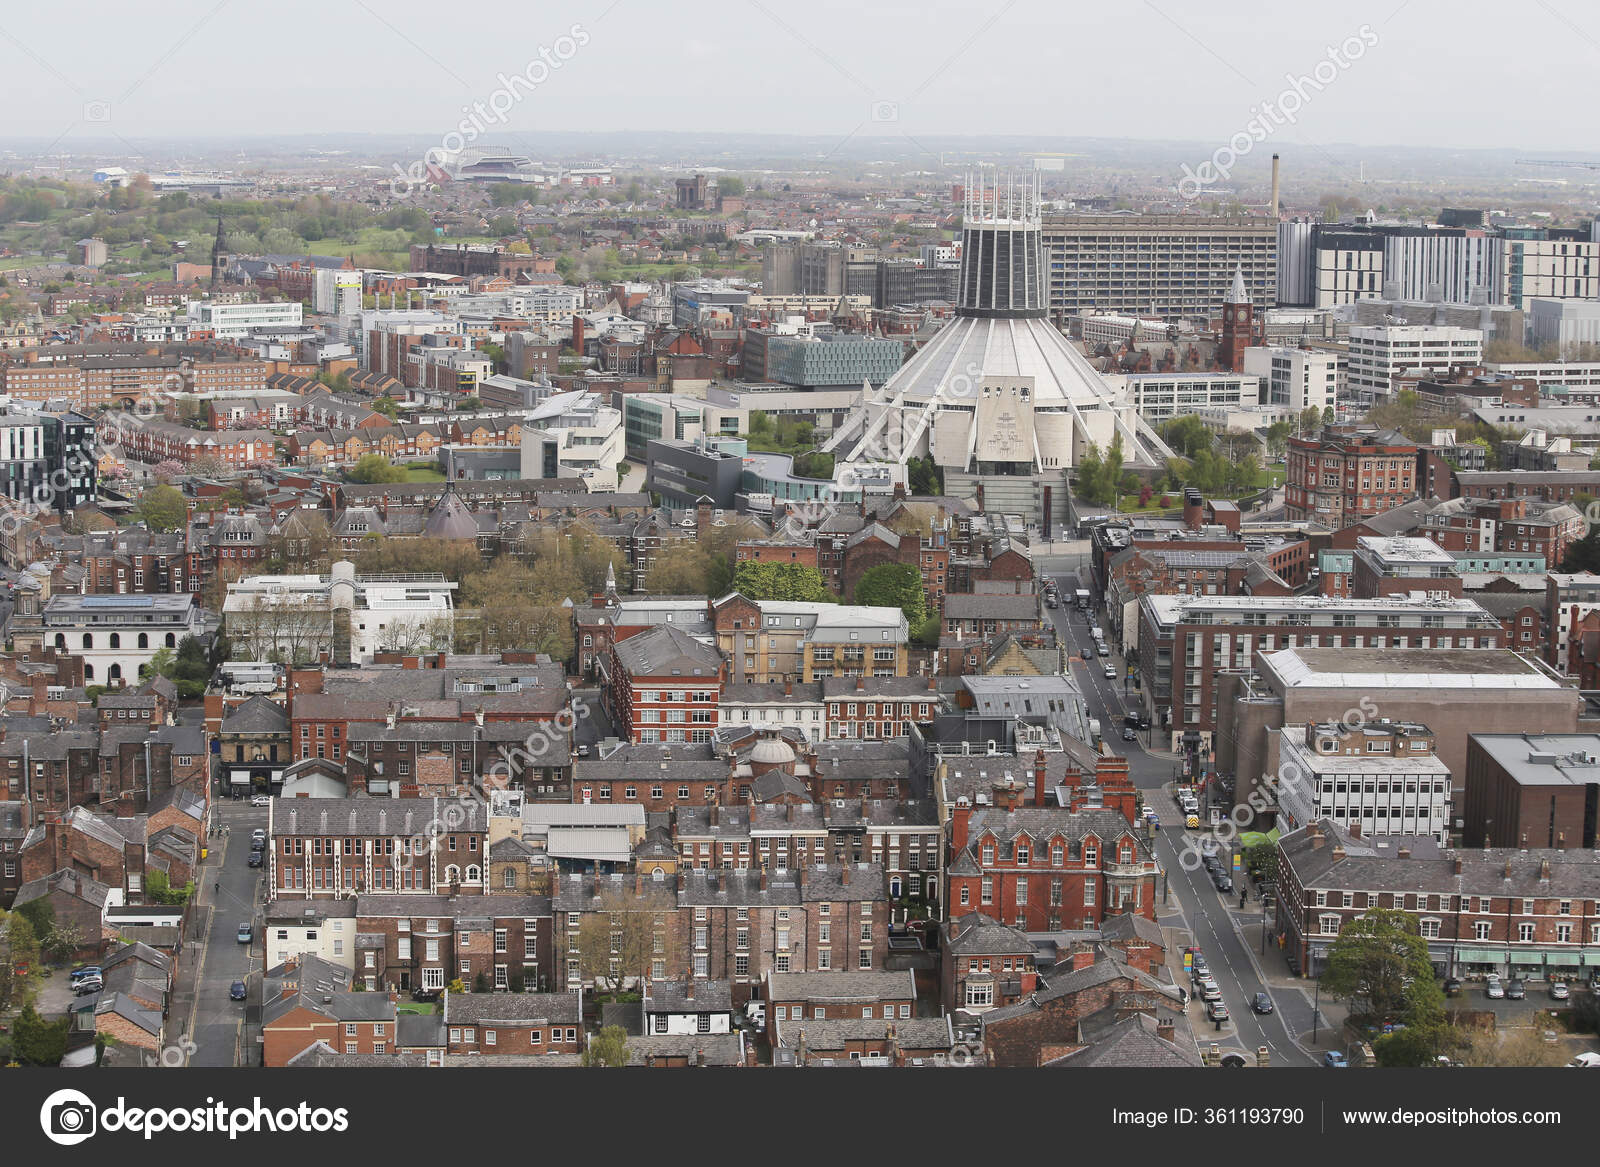 Fotos De Vista Aerea De Liverpool Imagem Para Vista Aerea De Liverpool Melhores Imagens Depositphotos